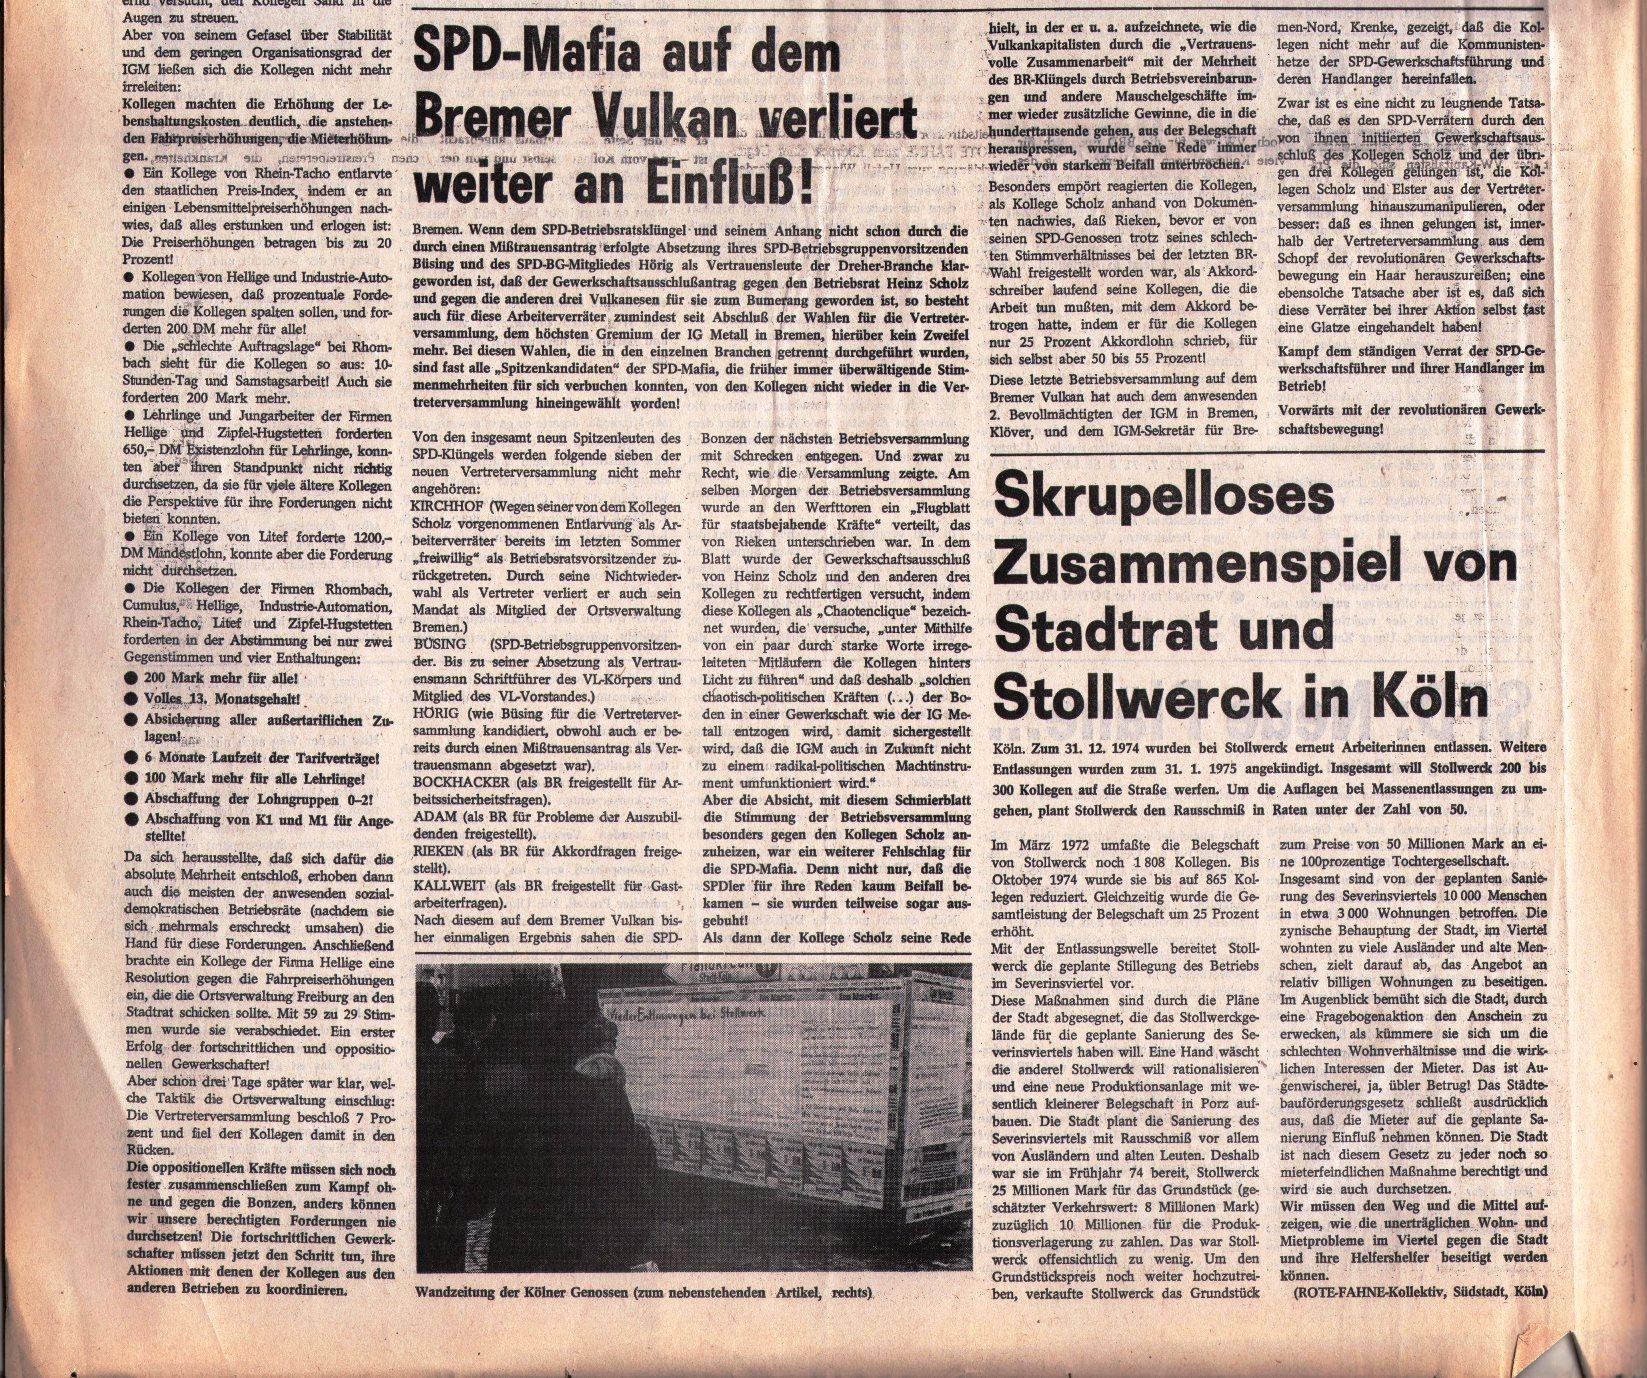 KPD_Rote_Fahne_1975_01_08